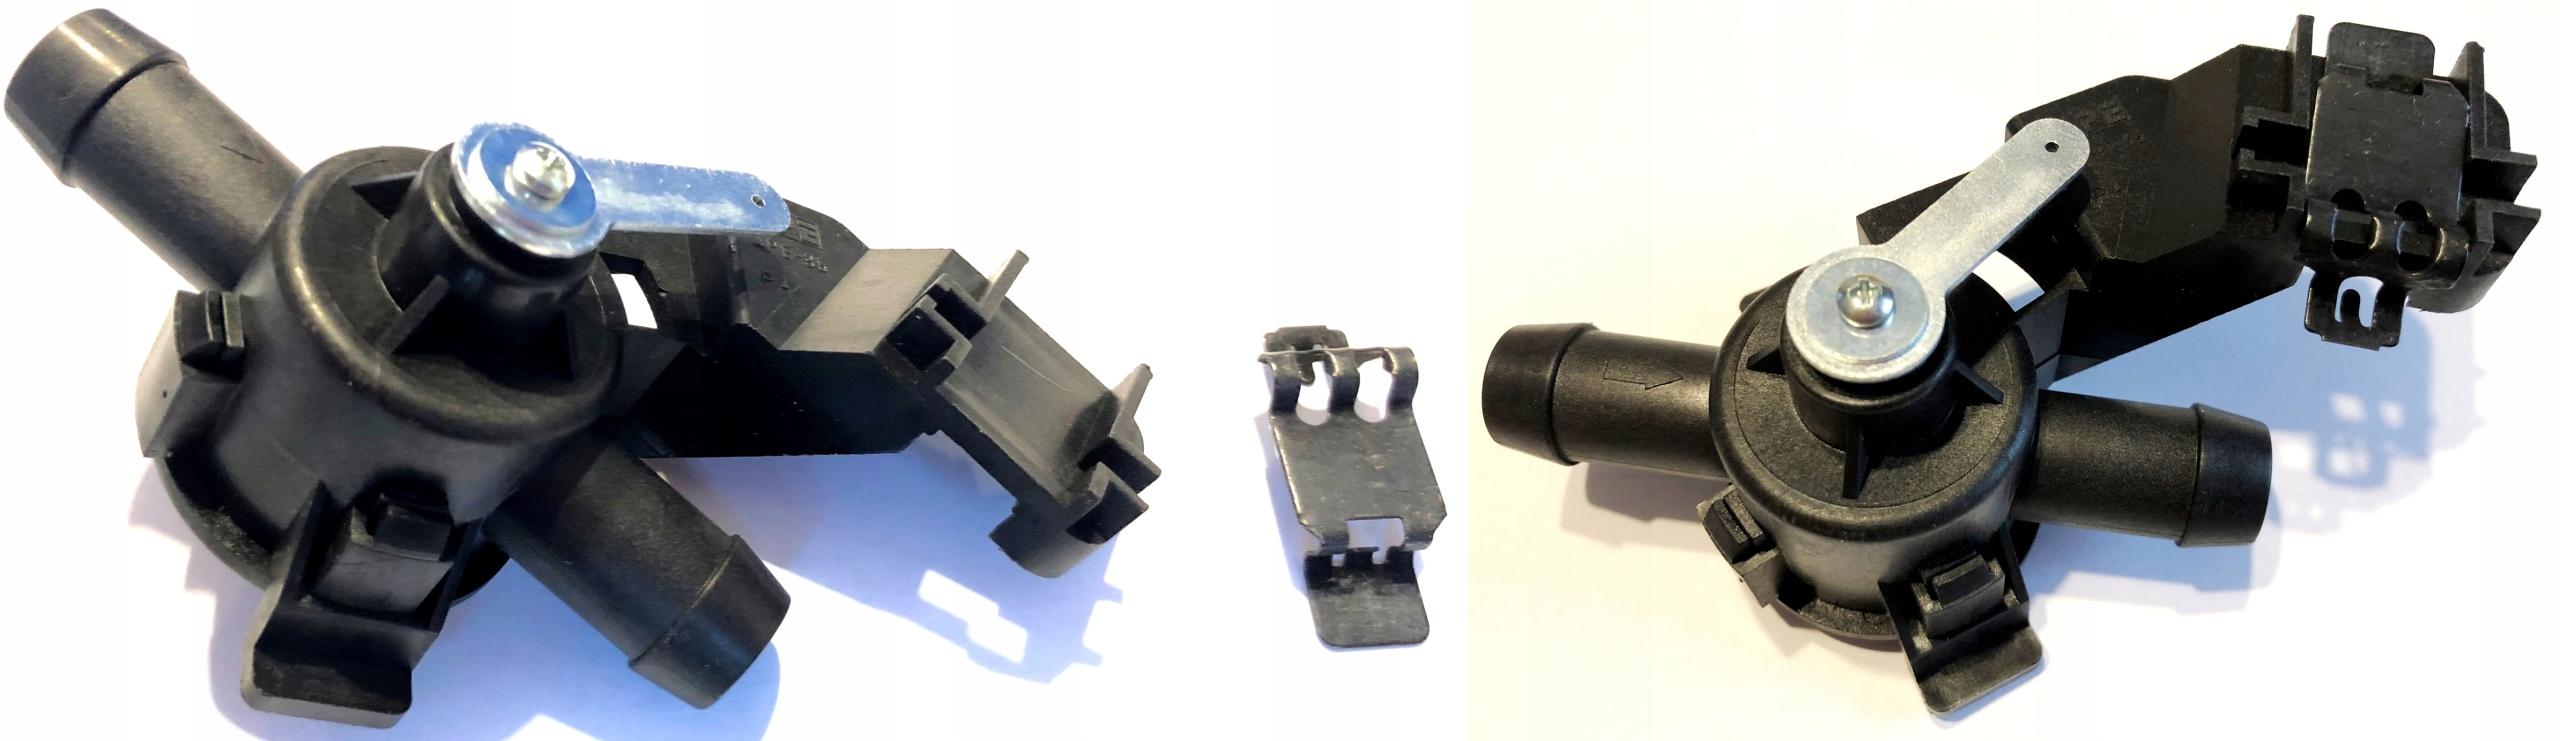 клапан нагревателя fso полонез каро + застежка новый